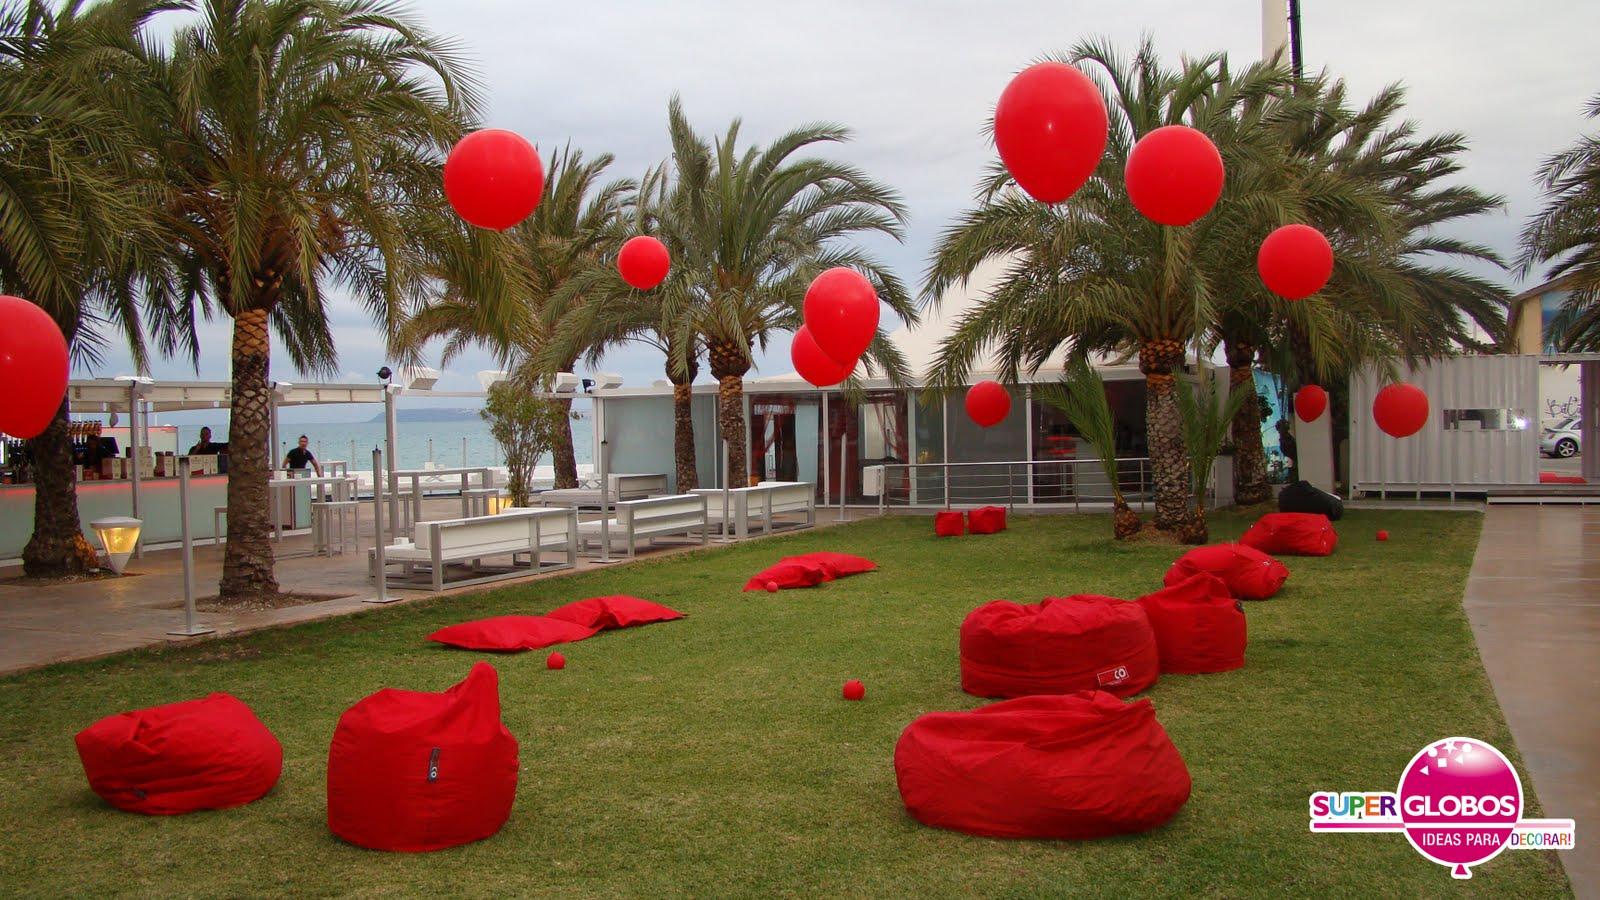 Decoraci n con globos para eventos decoraci n con globos - Globos para eventos ...